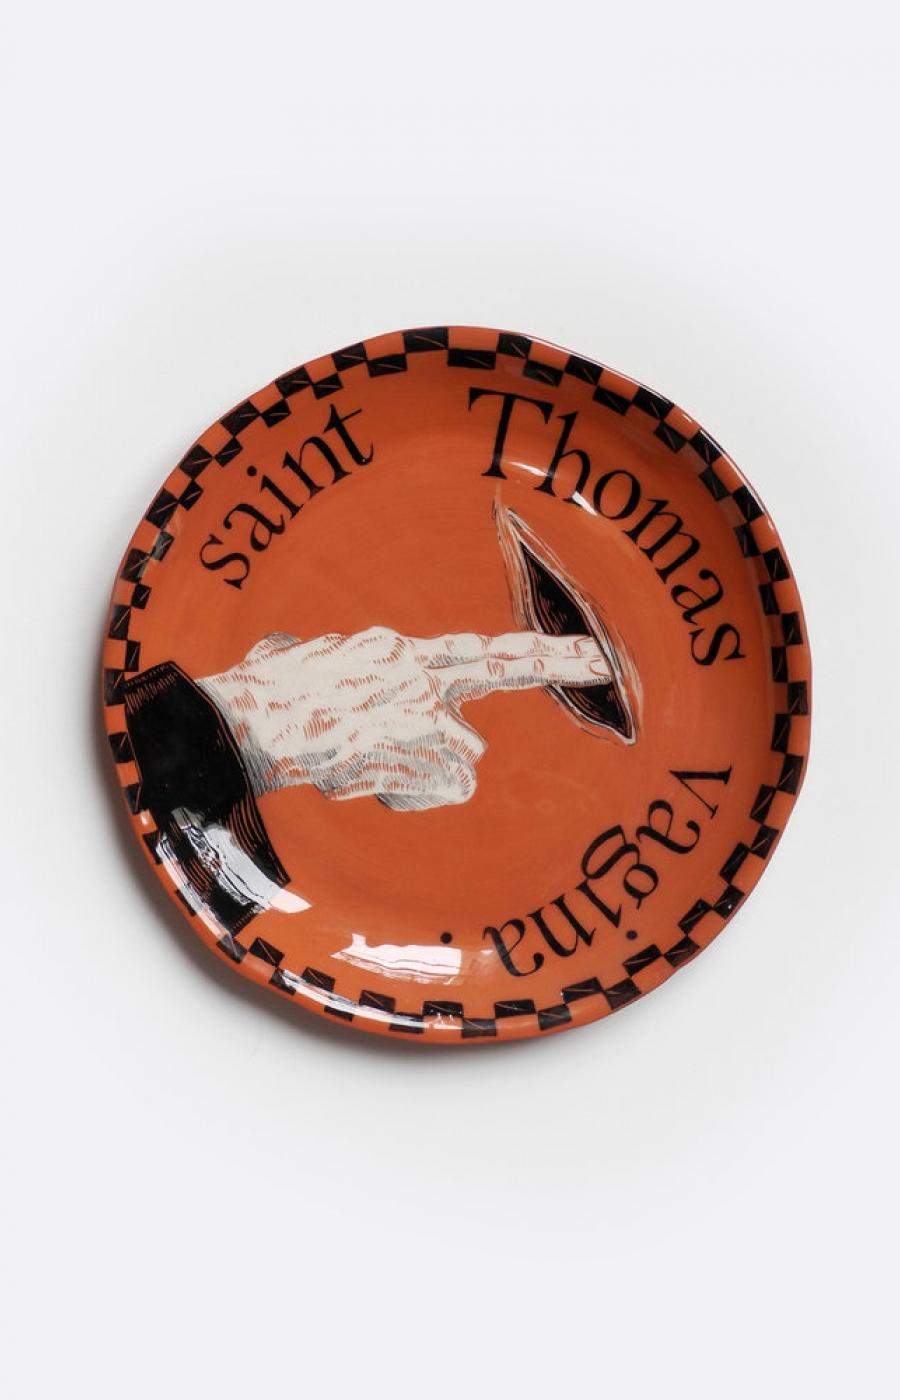 <b>Clément Bataille</b>, <em>Saint Thomas Vagina</em>, Assiette en terre lisse rouge émaillée., 2018 /24x24x3cm